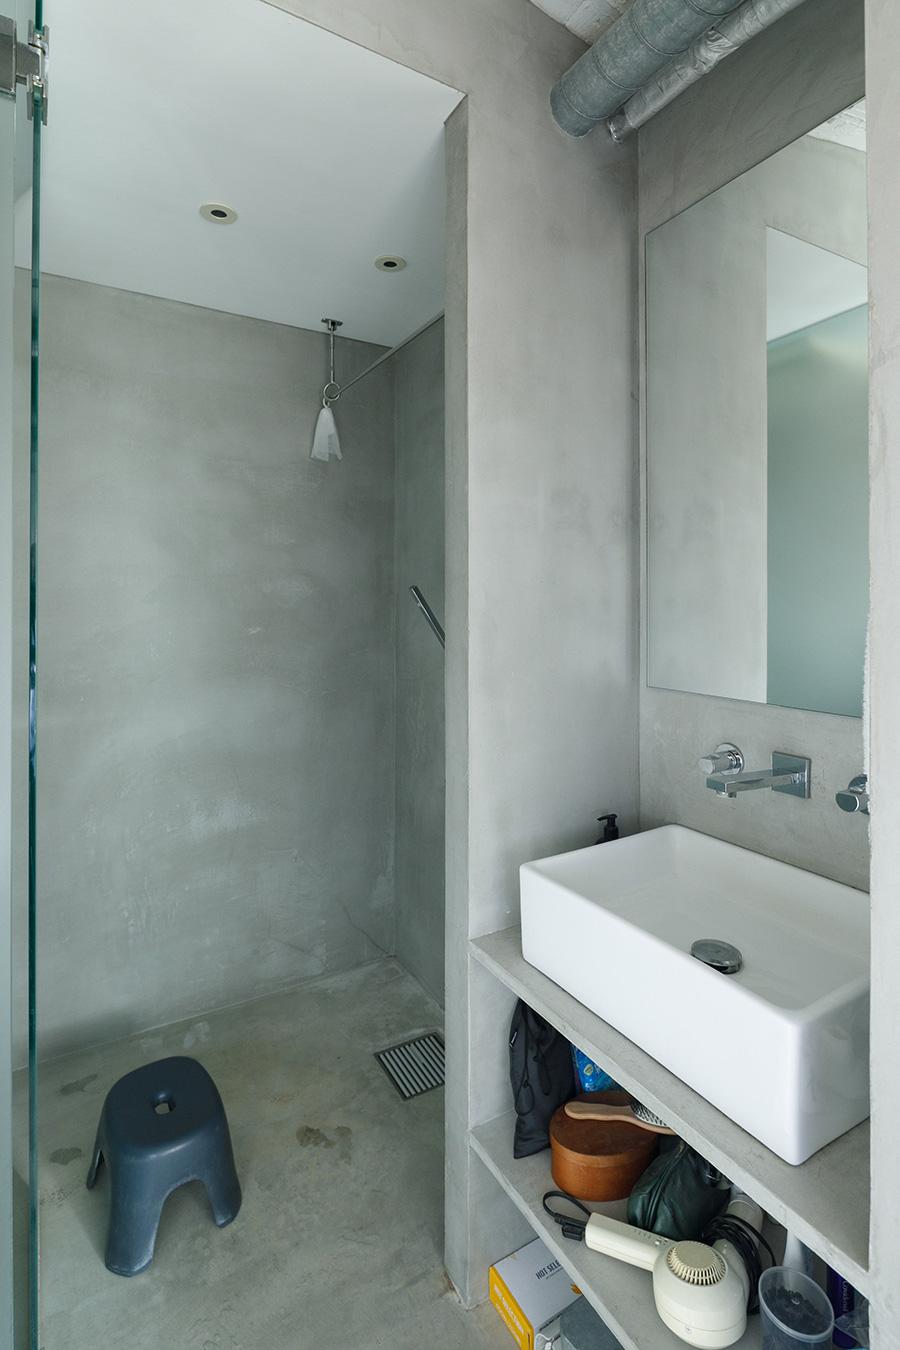 「限られた床面積を有効に使うため、優先順位の低かったバスタブの設置はやめてシャワーだけにしました」